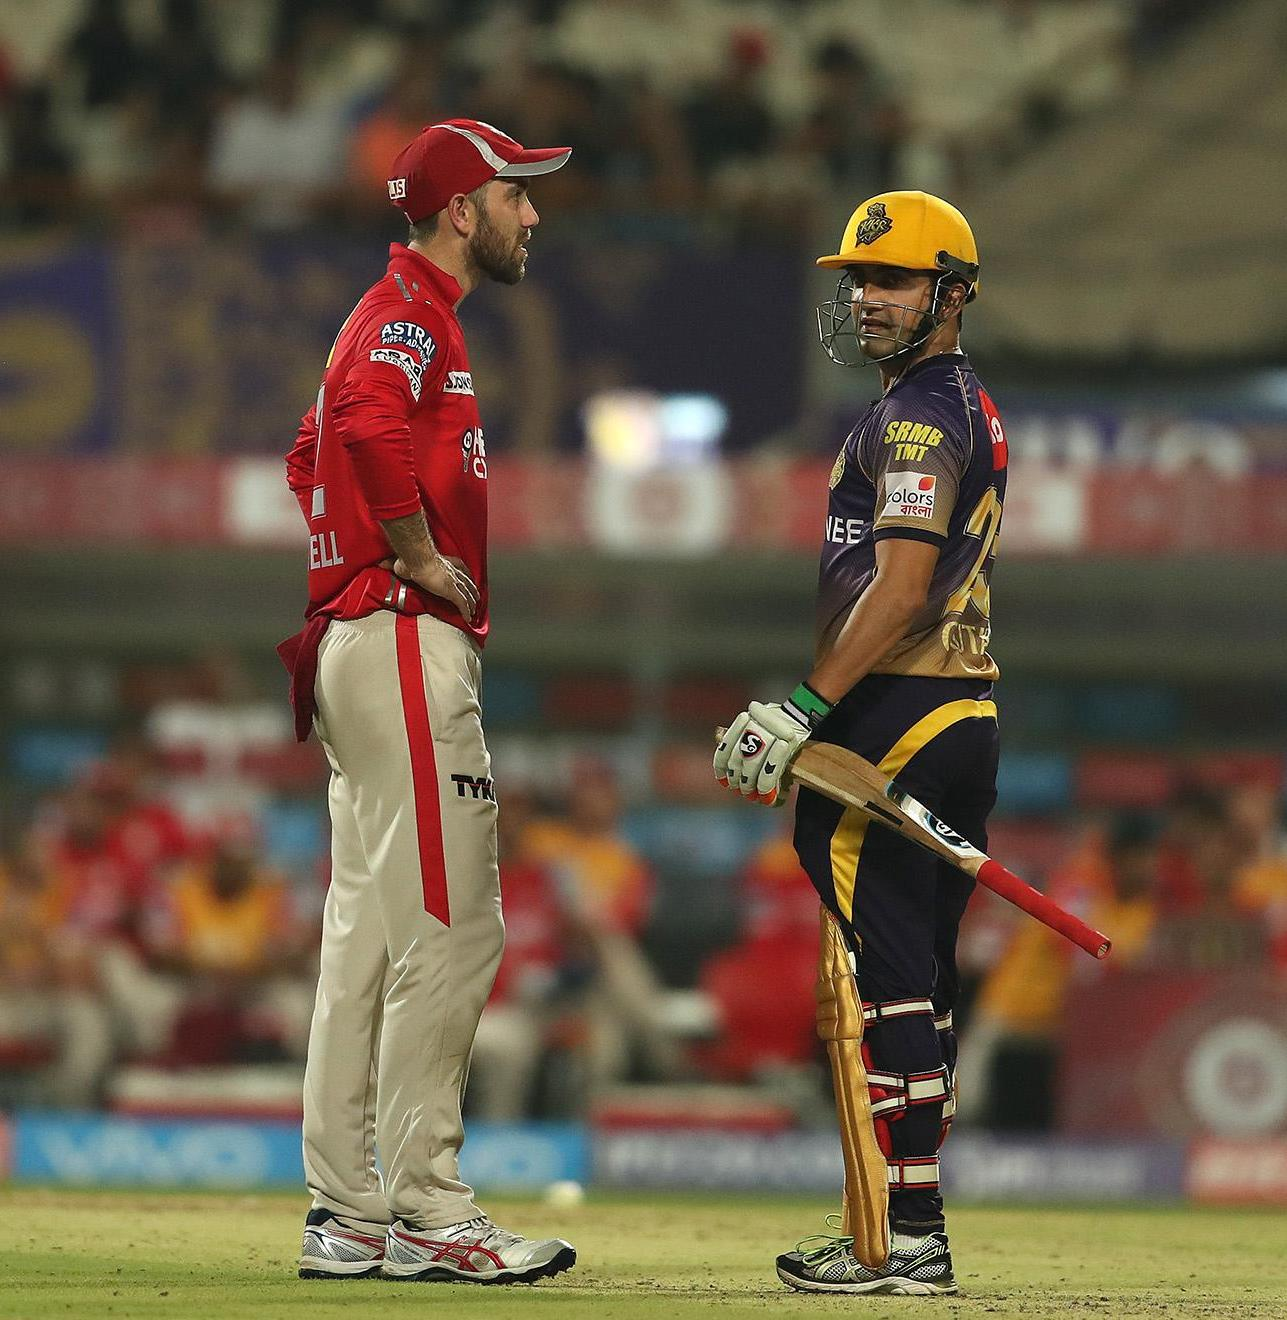 कोलकाता और पंजाब के बीच खेले गए मैच के पांच टर्निंग पोइंट 2